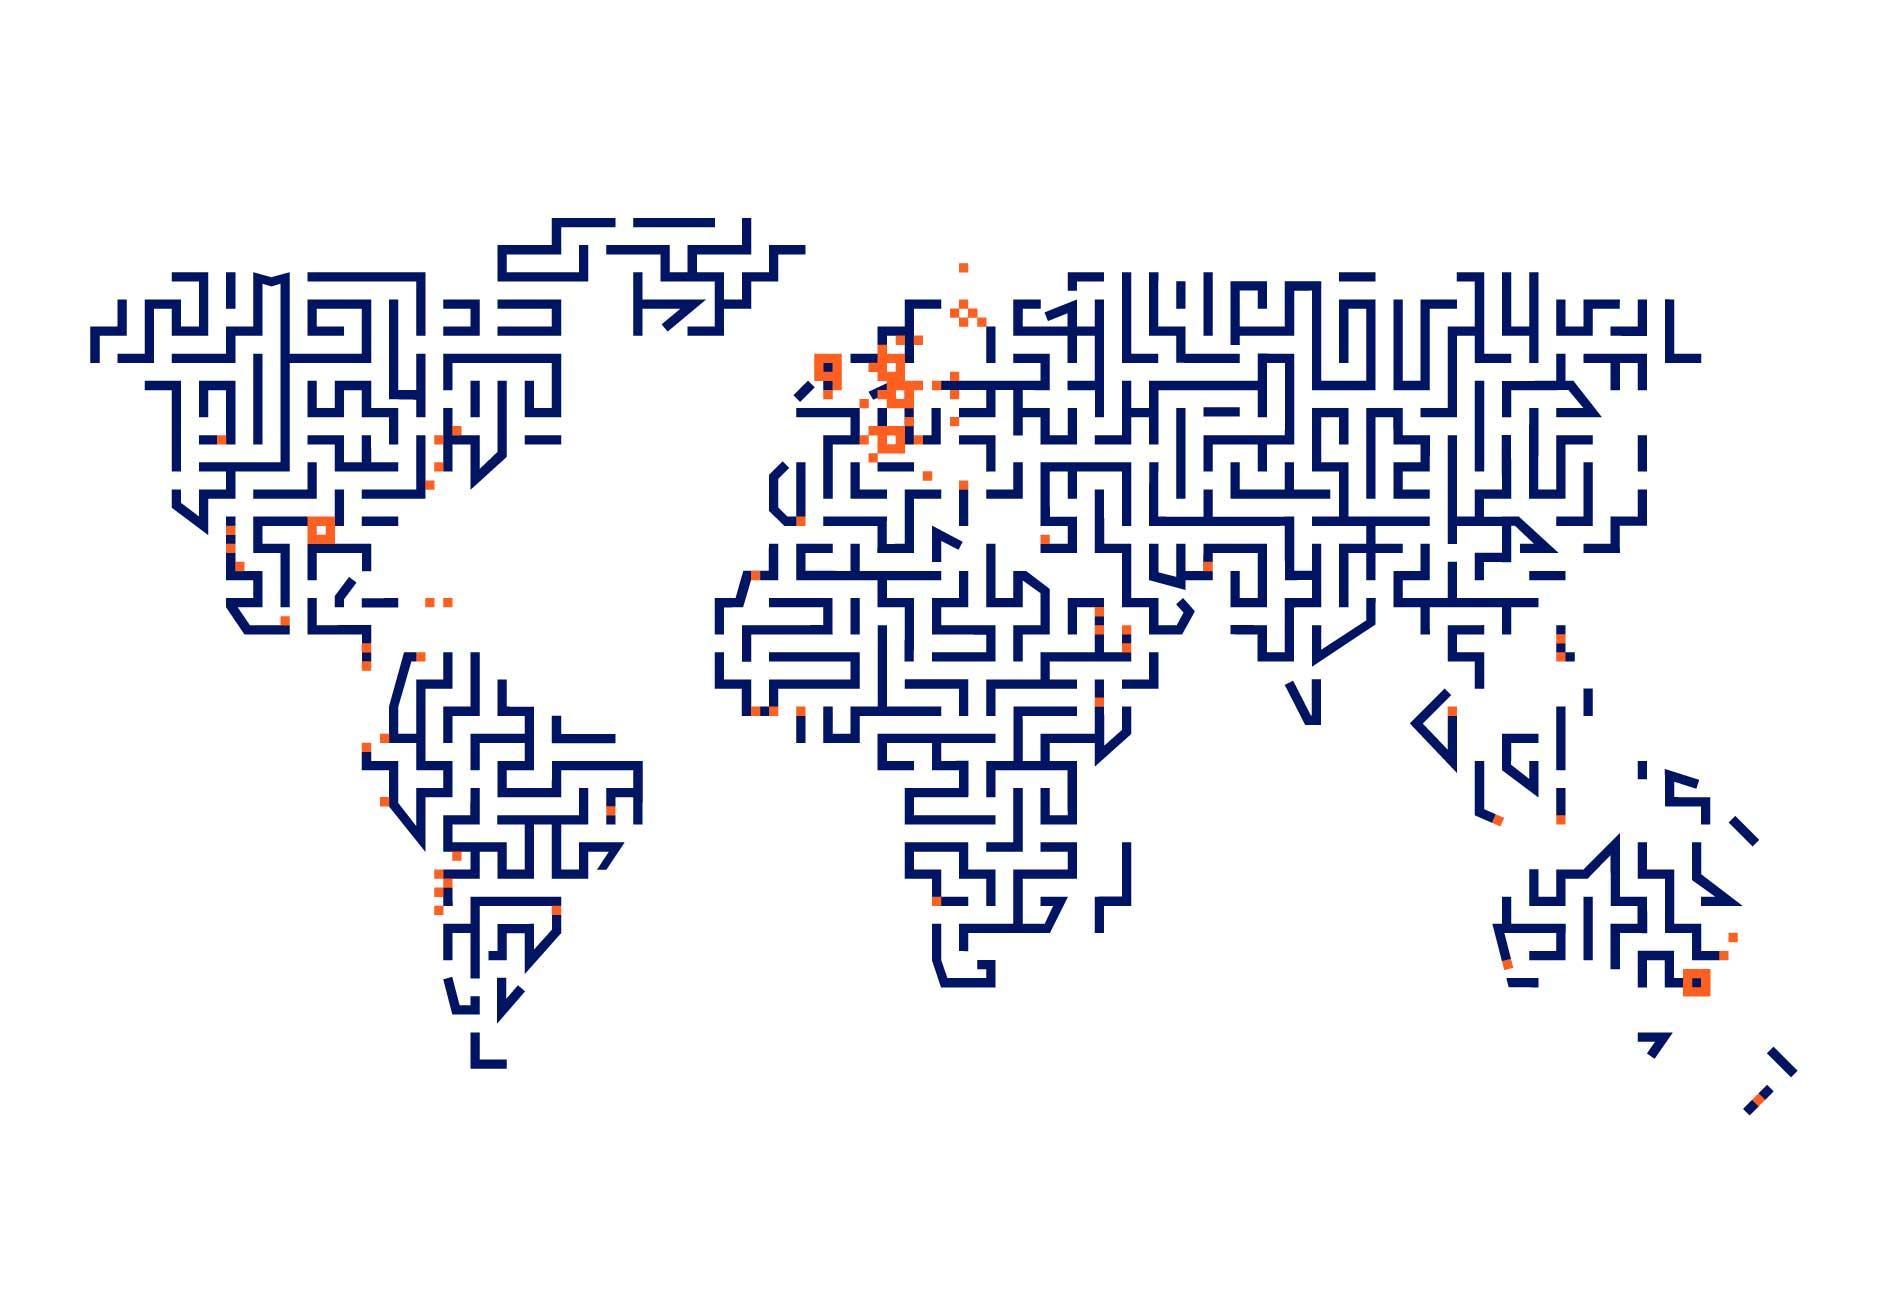 identec_map_white_customer-1